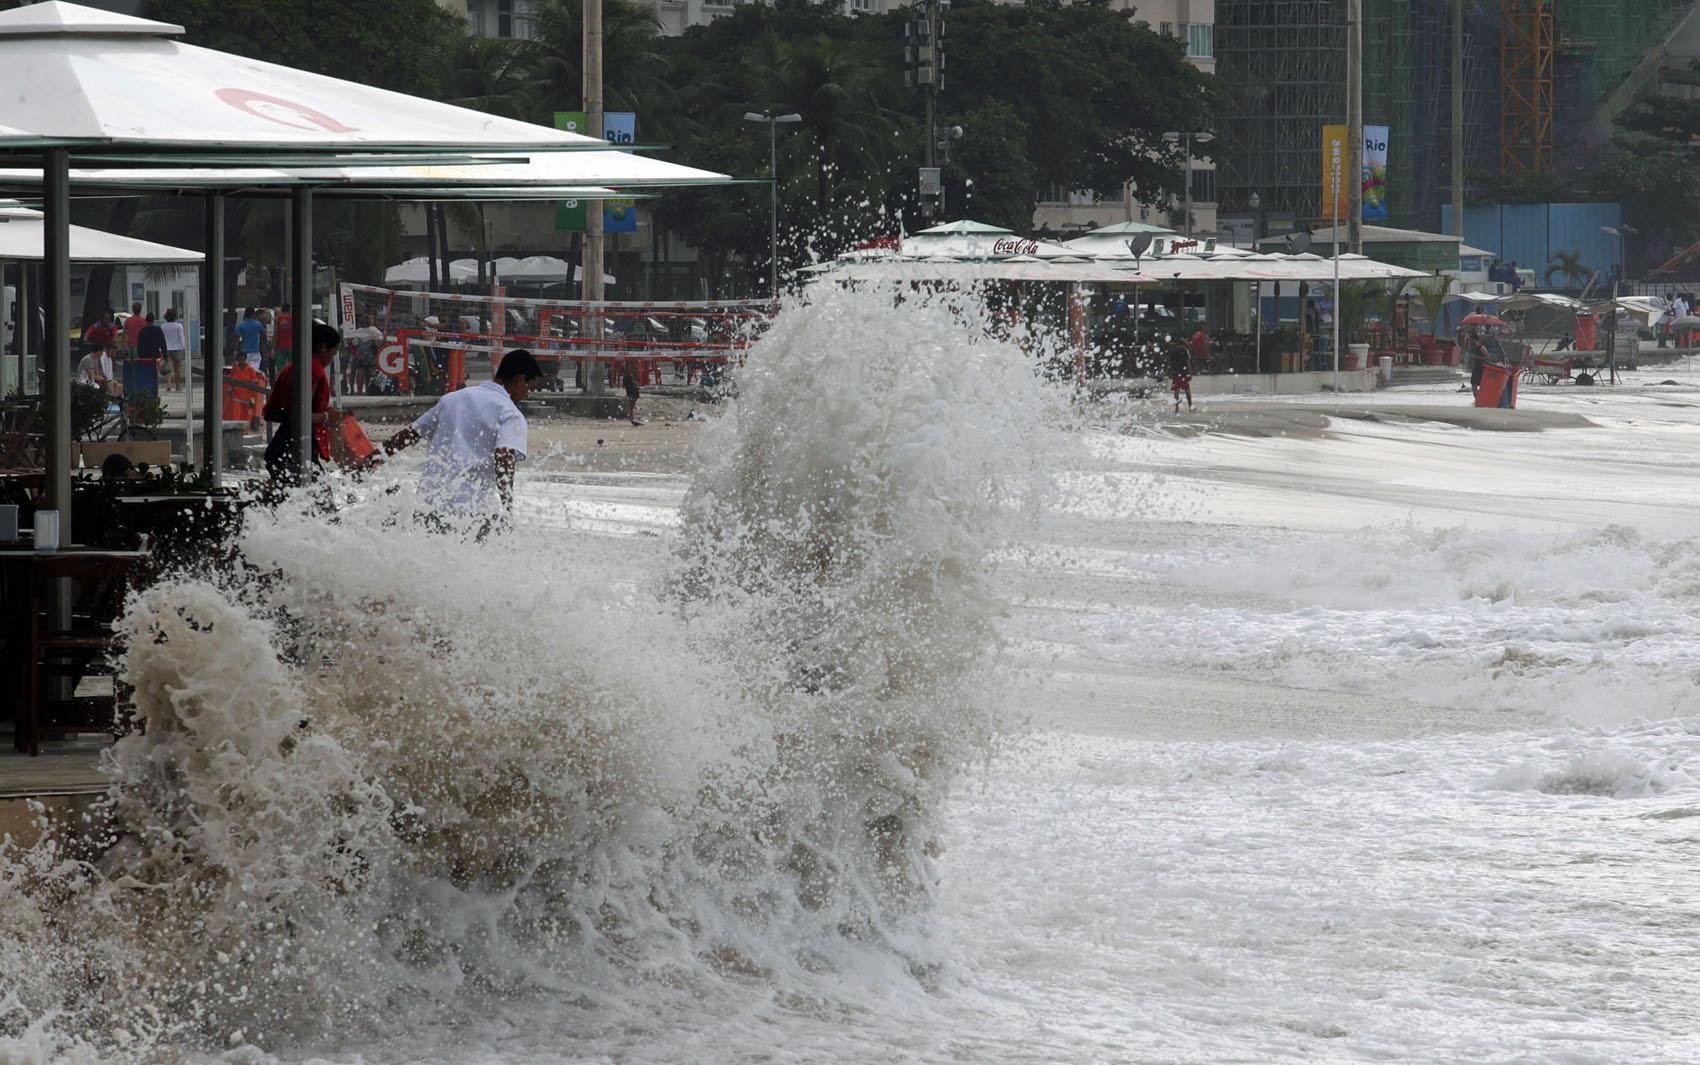 Ondas atingem quiosques e o calçadão da   Praia de Copacabana, na zona sul do Rio de Janeiro, devido a ressaca provocada pela  frente fria que atinge a cidade